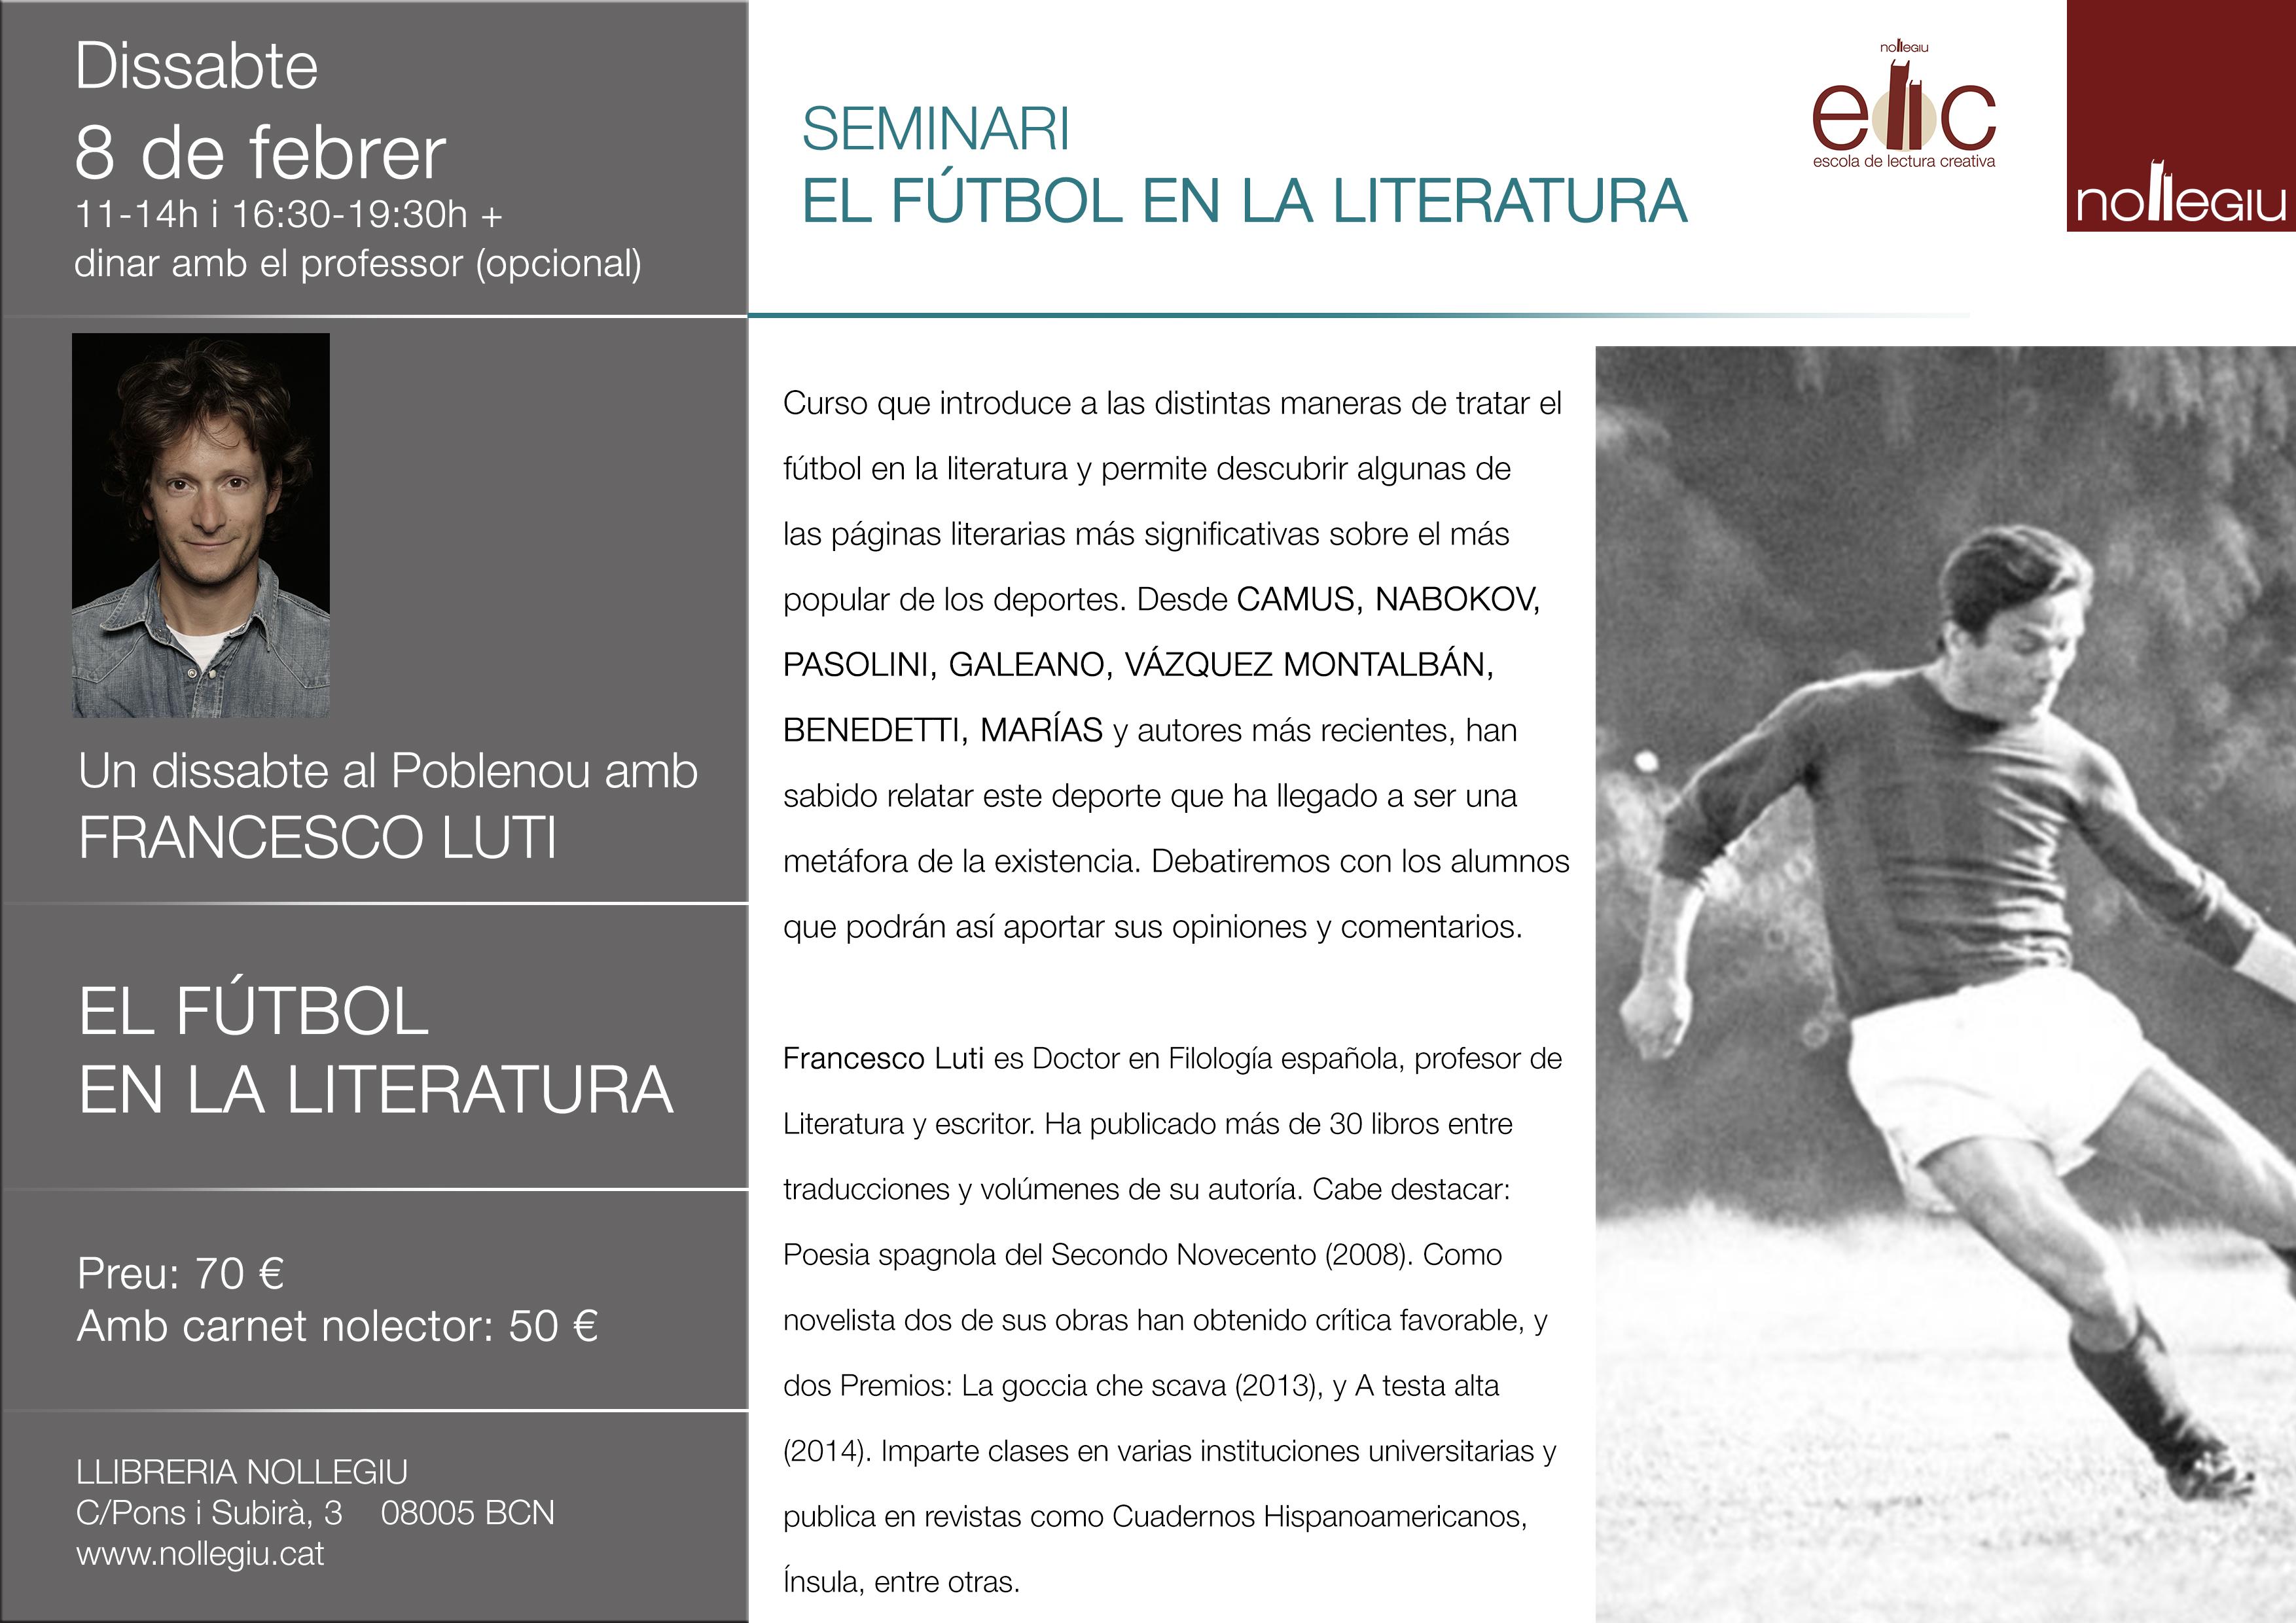 2020 - 8 de febrero - Seminario El fútbol en la literatura en la Librería Nollegiu.jpg